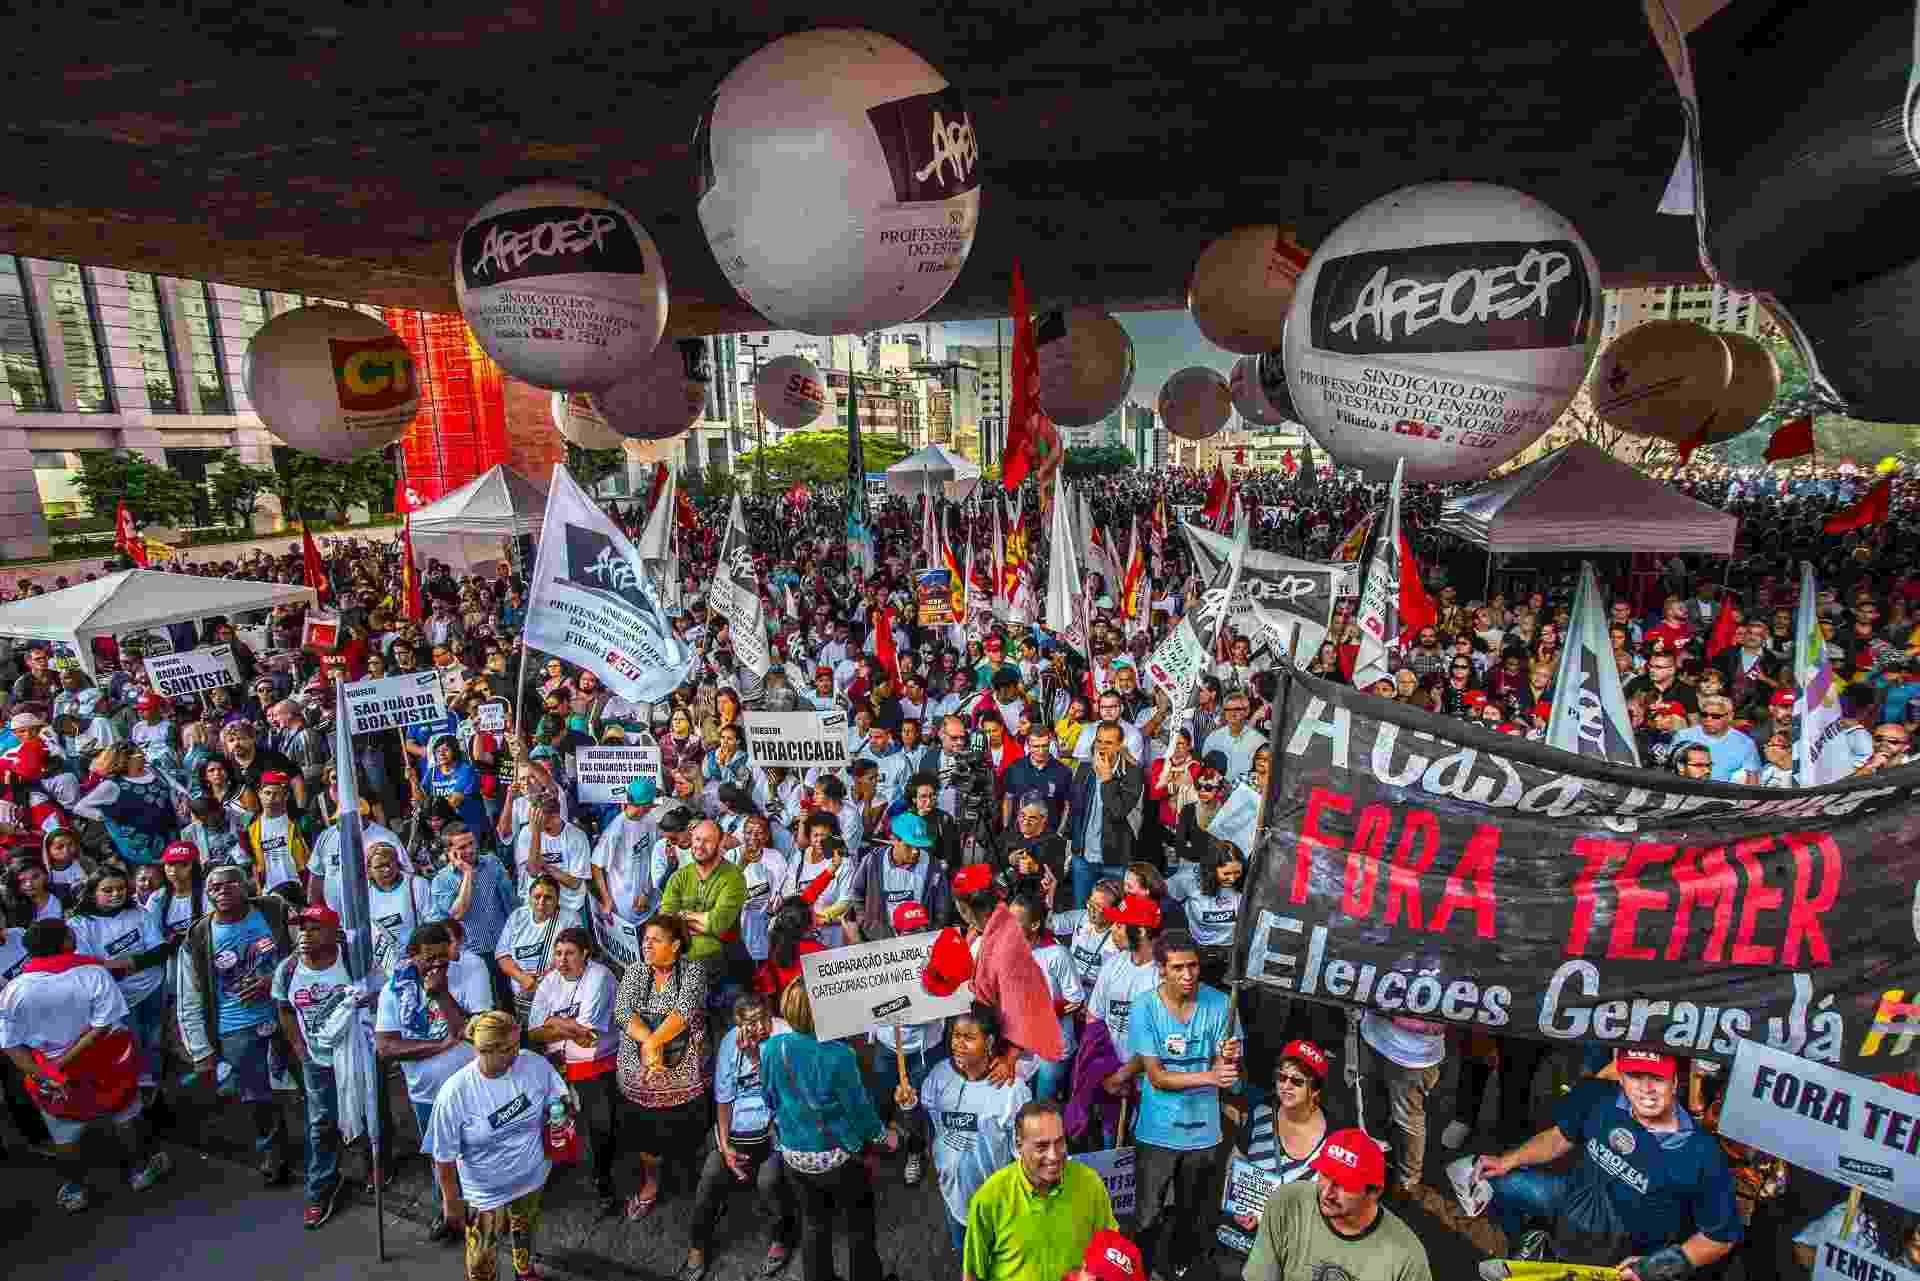 """Professores e funcionários da rede estadual de educação participam de assembleia do Sindicato dos Professores do Ensino Oficial do Estado de São Paulo (Apeoesp) no vão livre do Masp, na Avenida Paulista, em São Paulo, nesta quinta-feira (22). A categoria pede a valorização da profissão, melhores condições de trabalho e a saída de Michel Temer (PMDB) e Geraldo Alckmin (PSDB). O ato também faz parte da mobilização convocada por centrais sindicais """"Trabalhadores Unidos em Defesa dos Direitos Sociais e Trabalhistas"""". - CRIS FAGA/FOX PRESS PHOTO/ESTADÃO CONTEÚDO"""